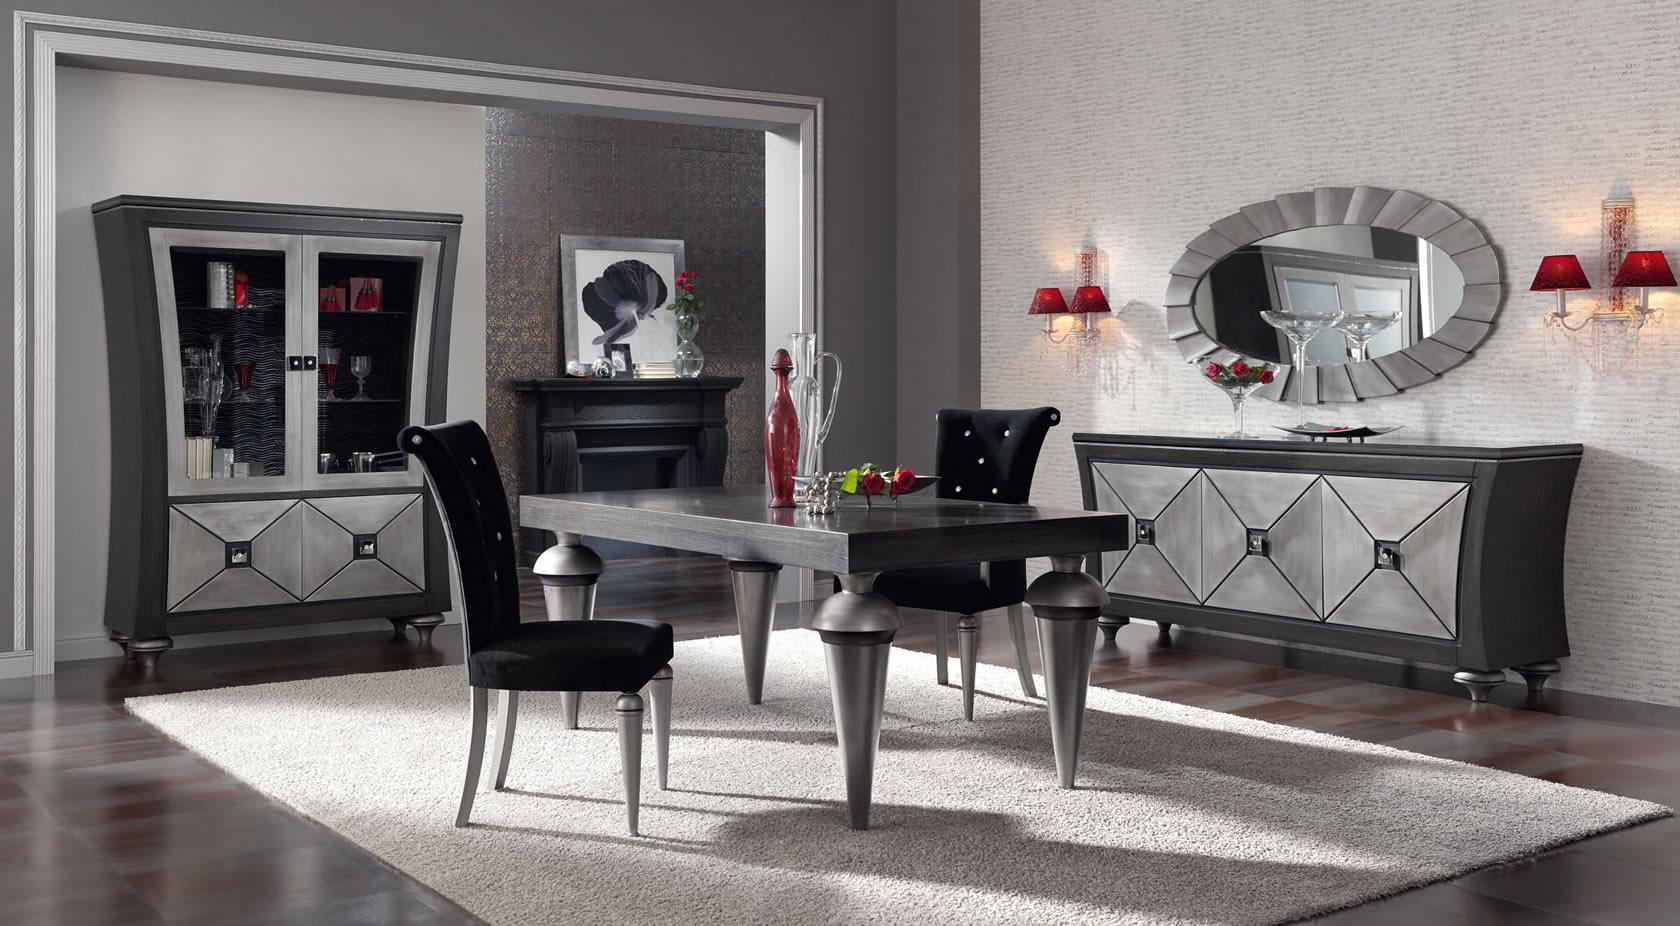 Tiendas Muebles Arganda Del Rey Great Sofs Con Estructura De  # Muebles Bonitos Arganda Del Rey